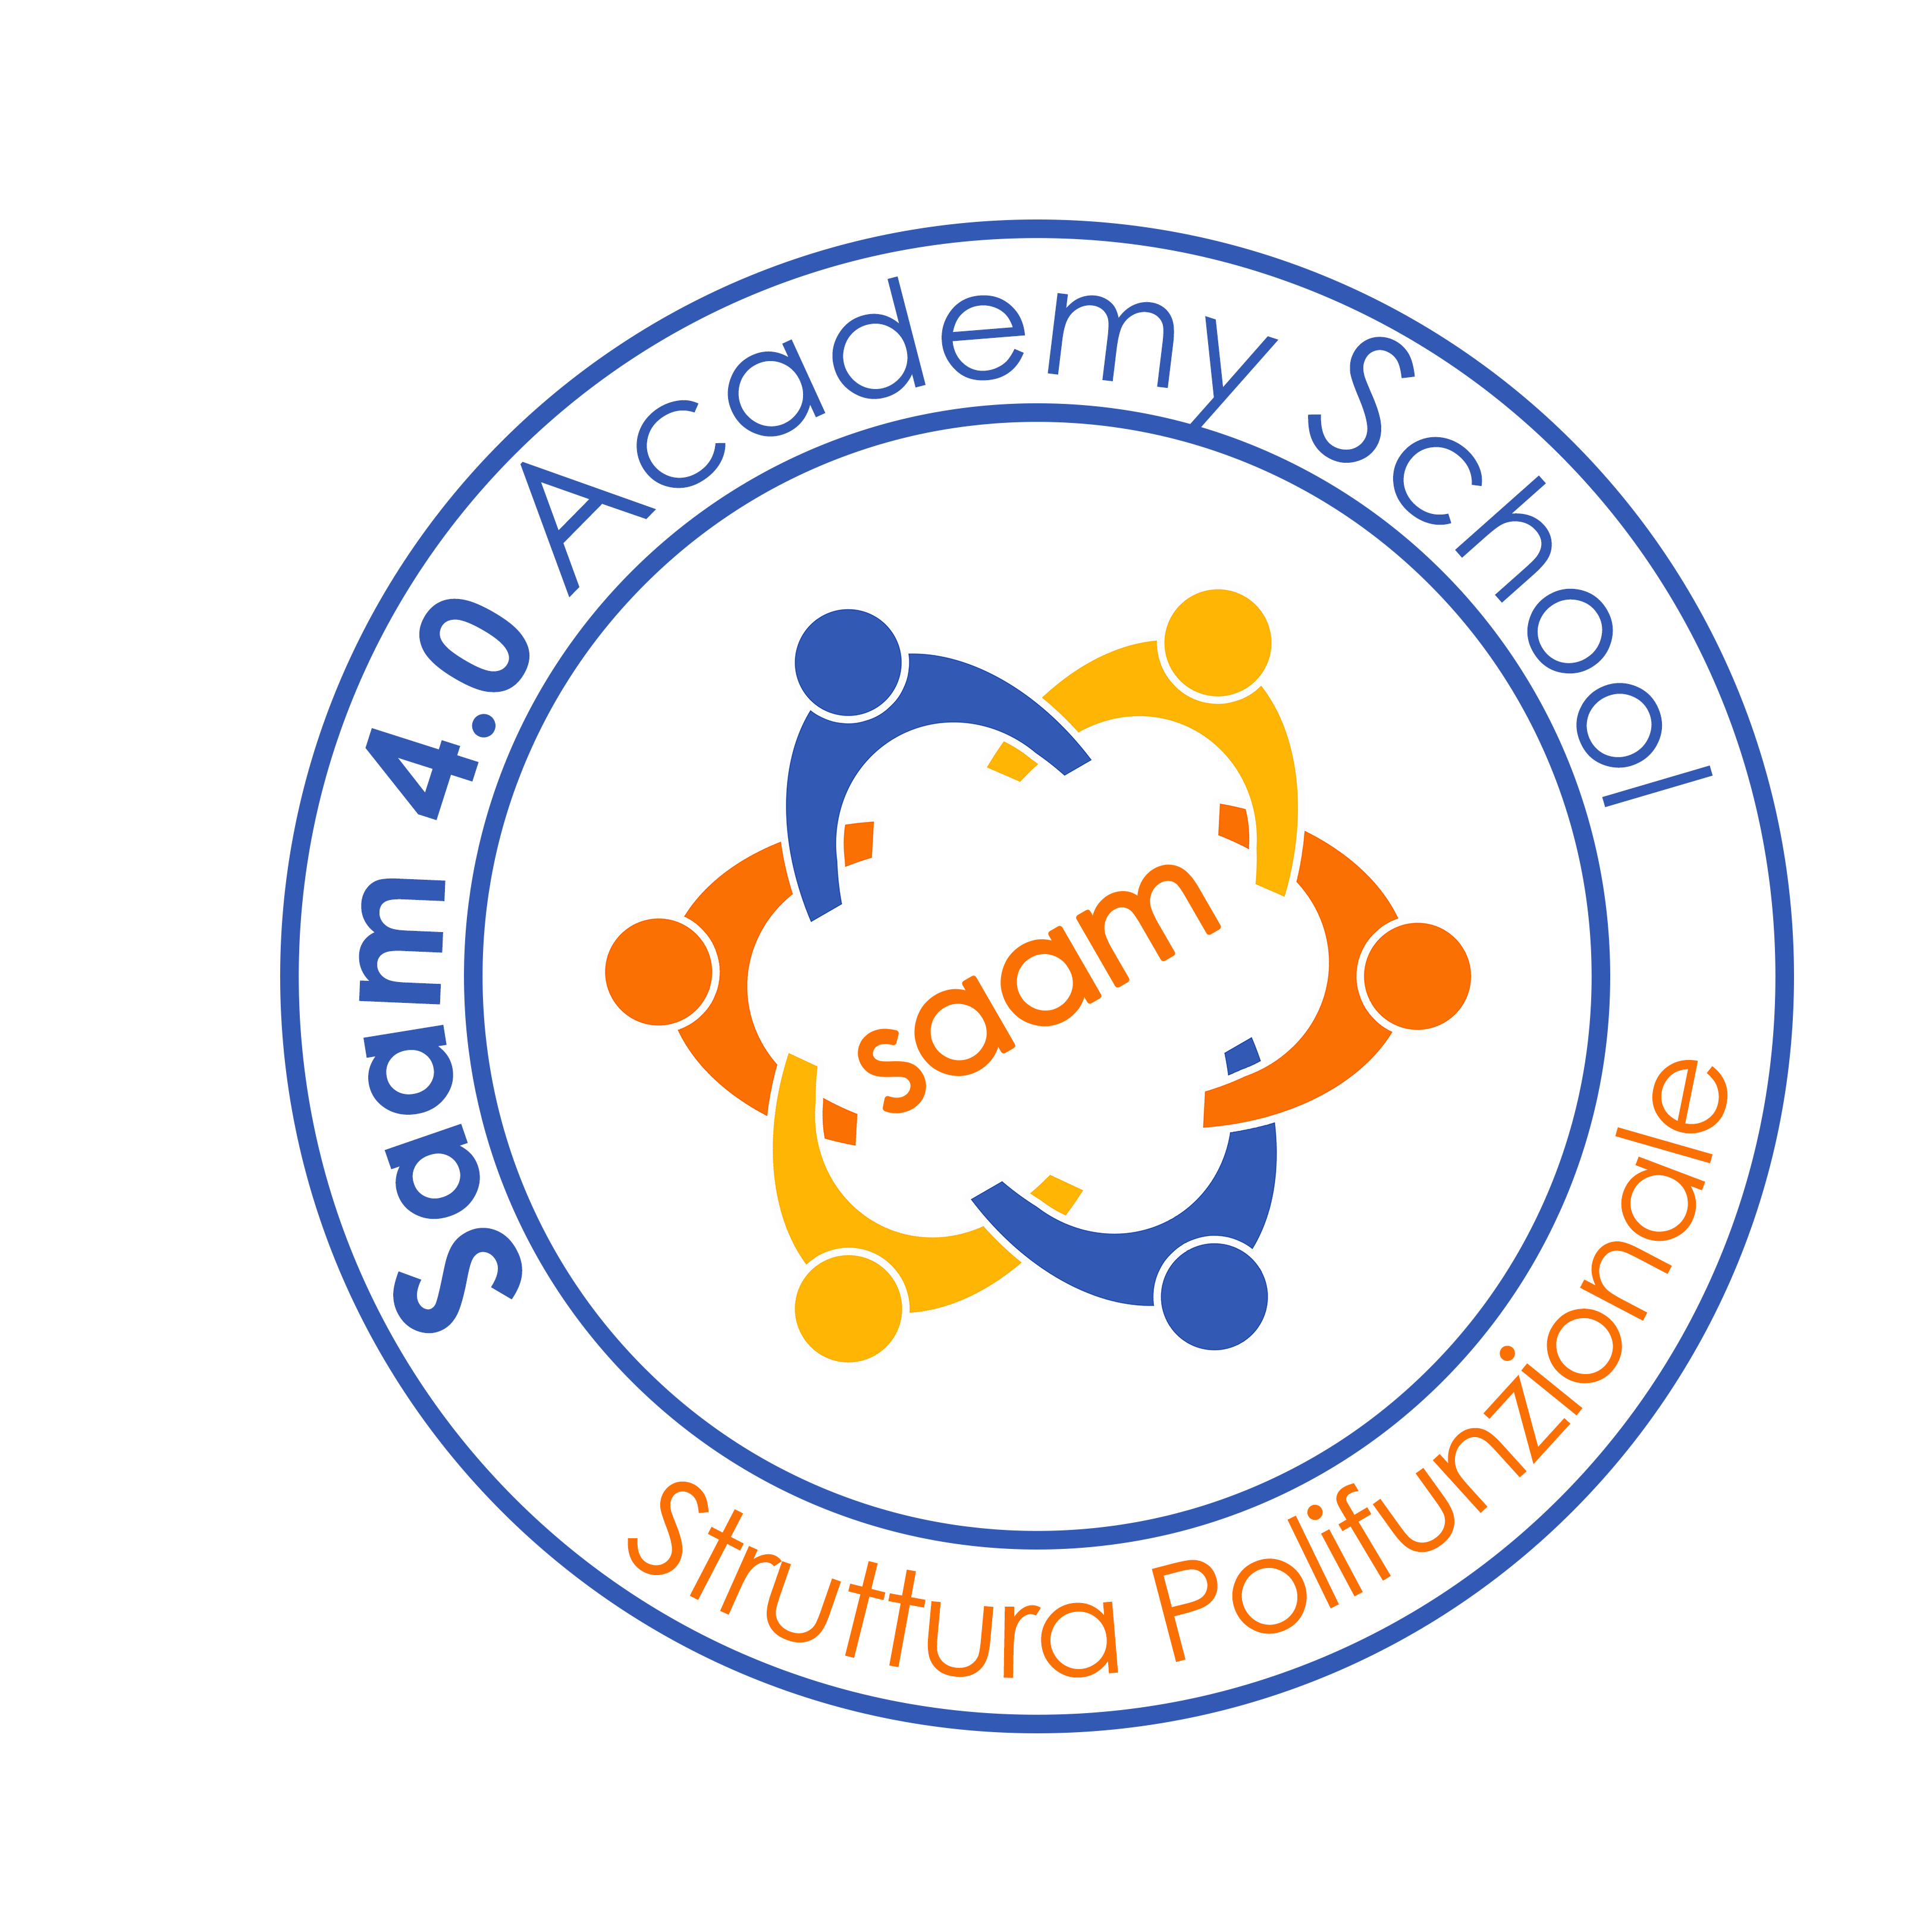 SAAM 4.0 Academy School